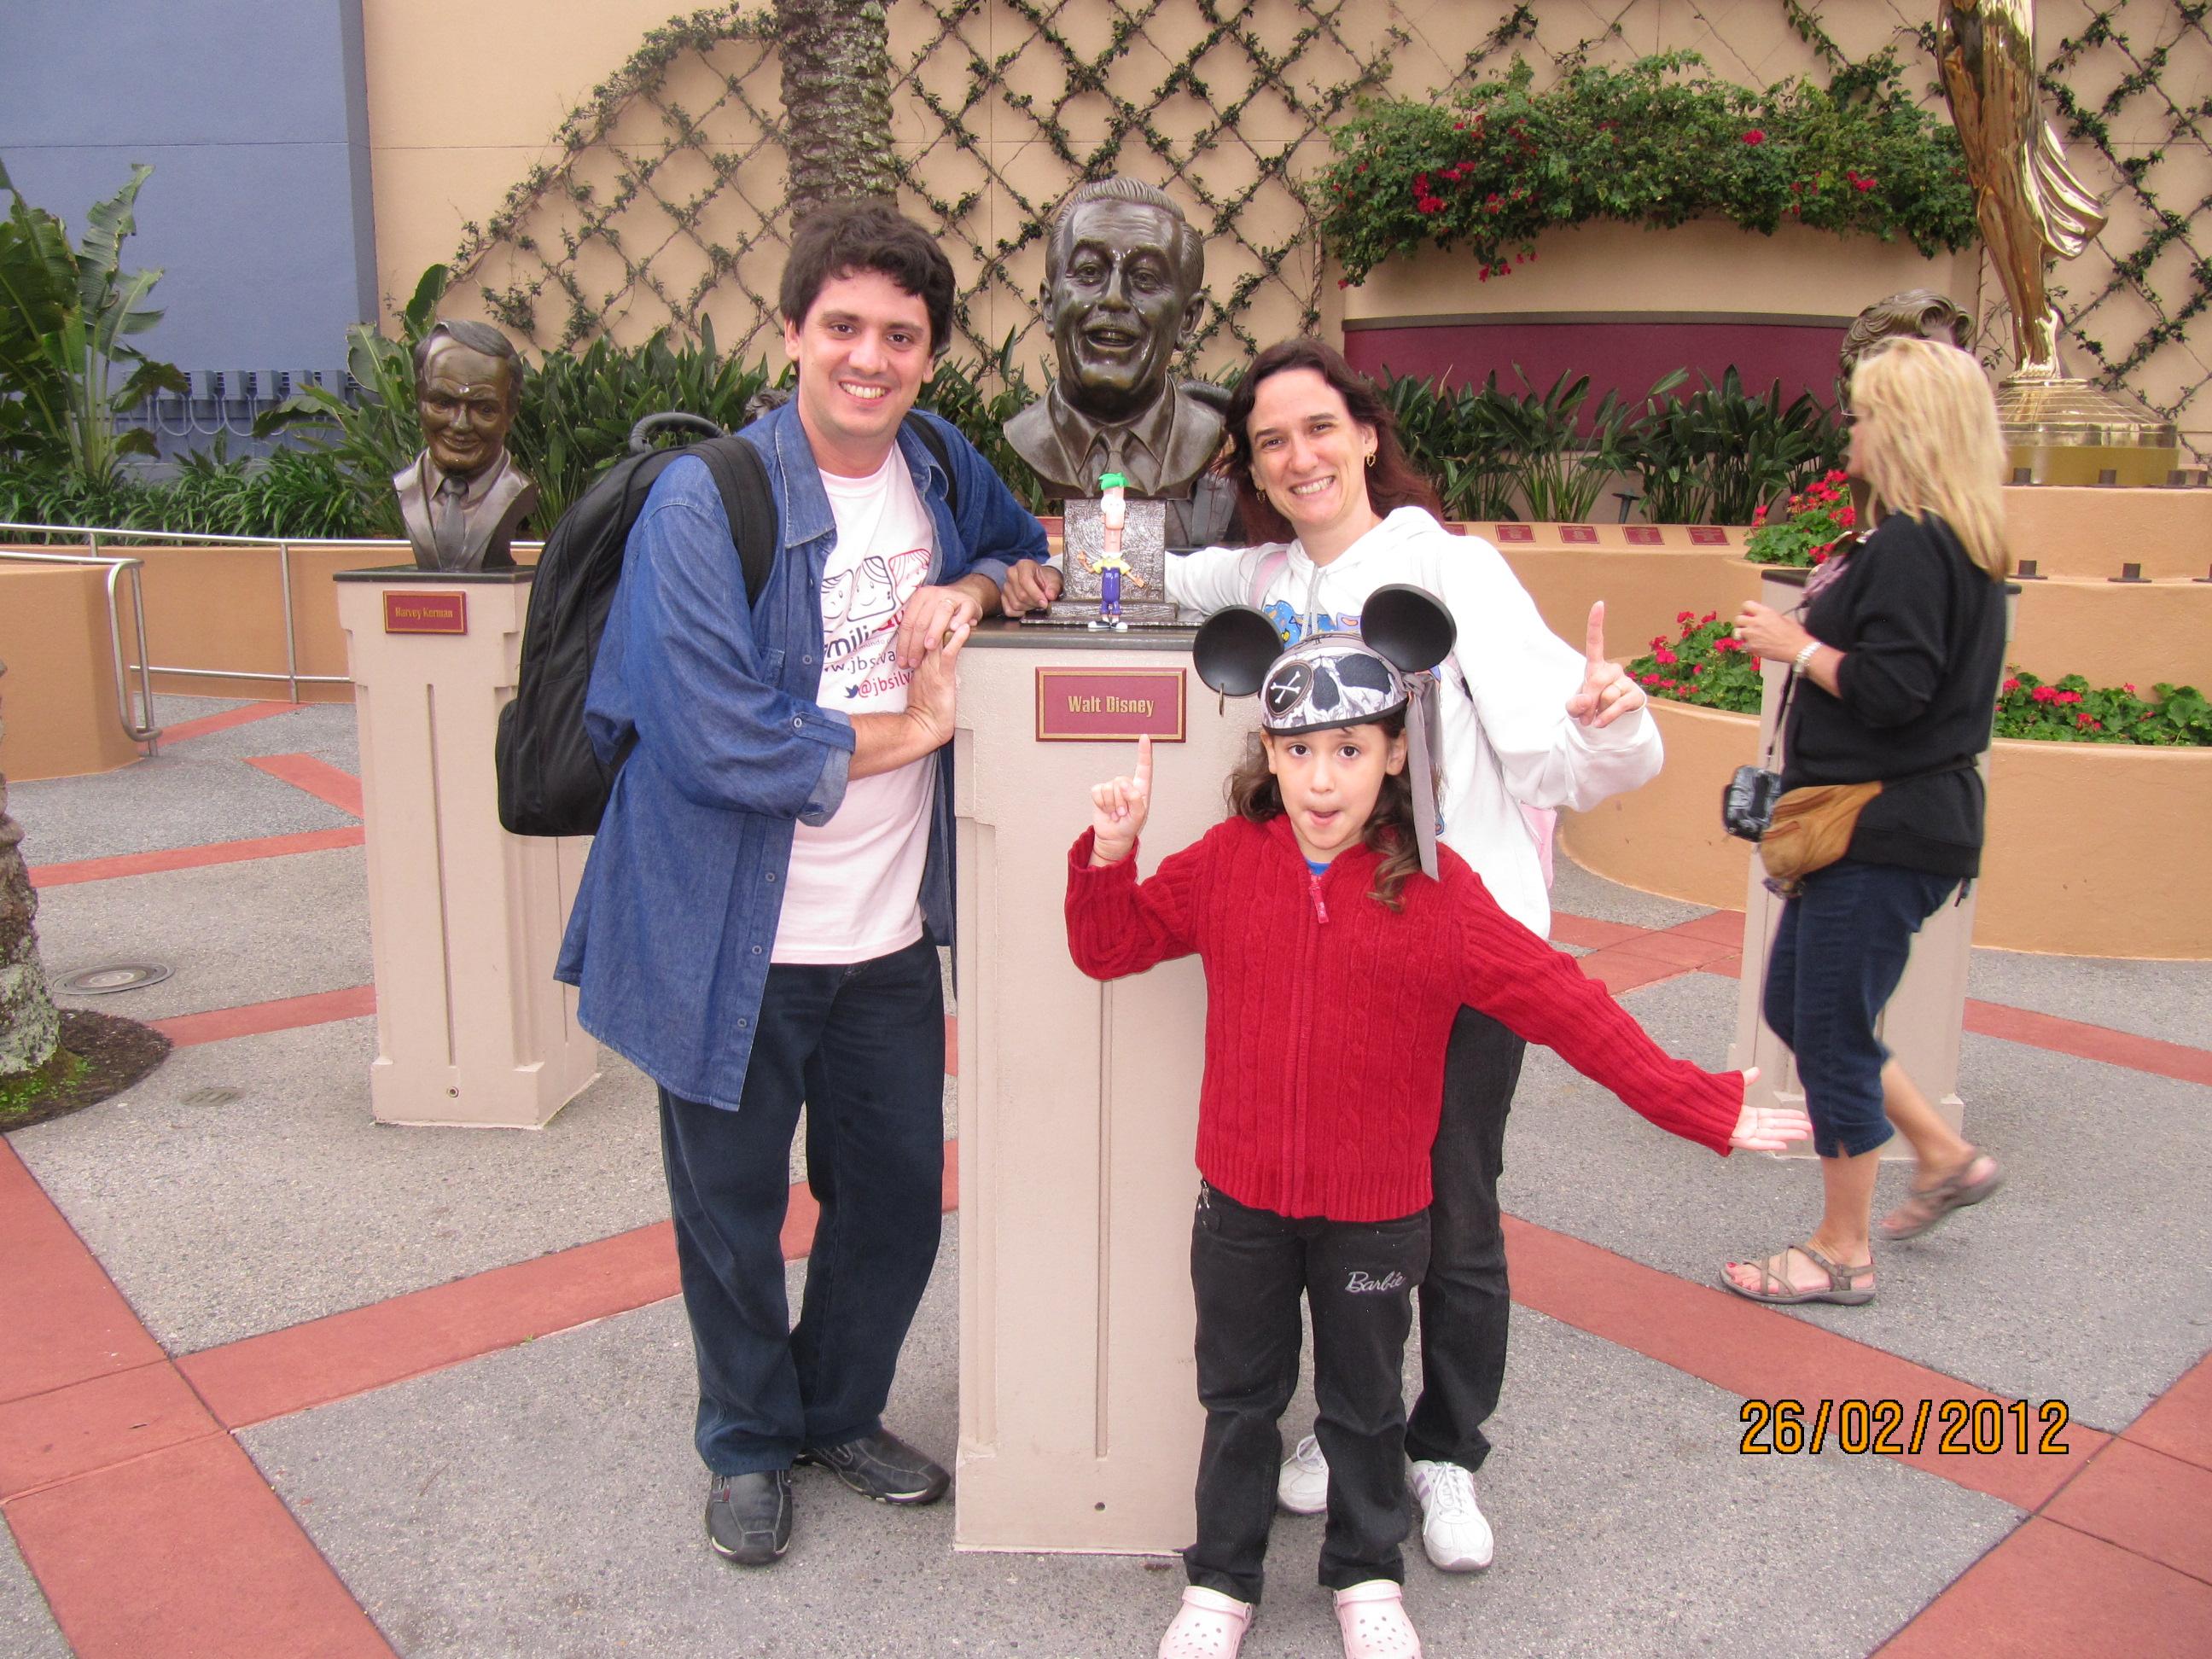 Fazendo graça com a estátua do Walt Disney